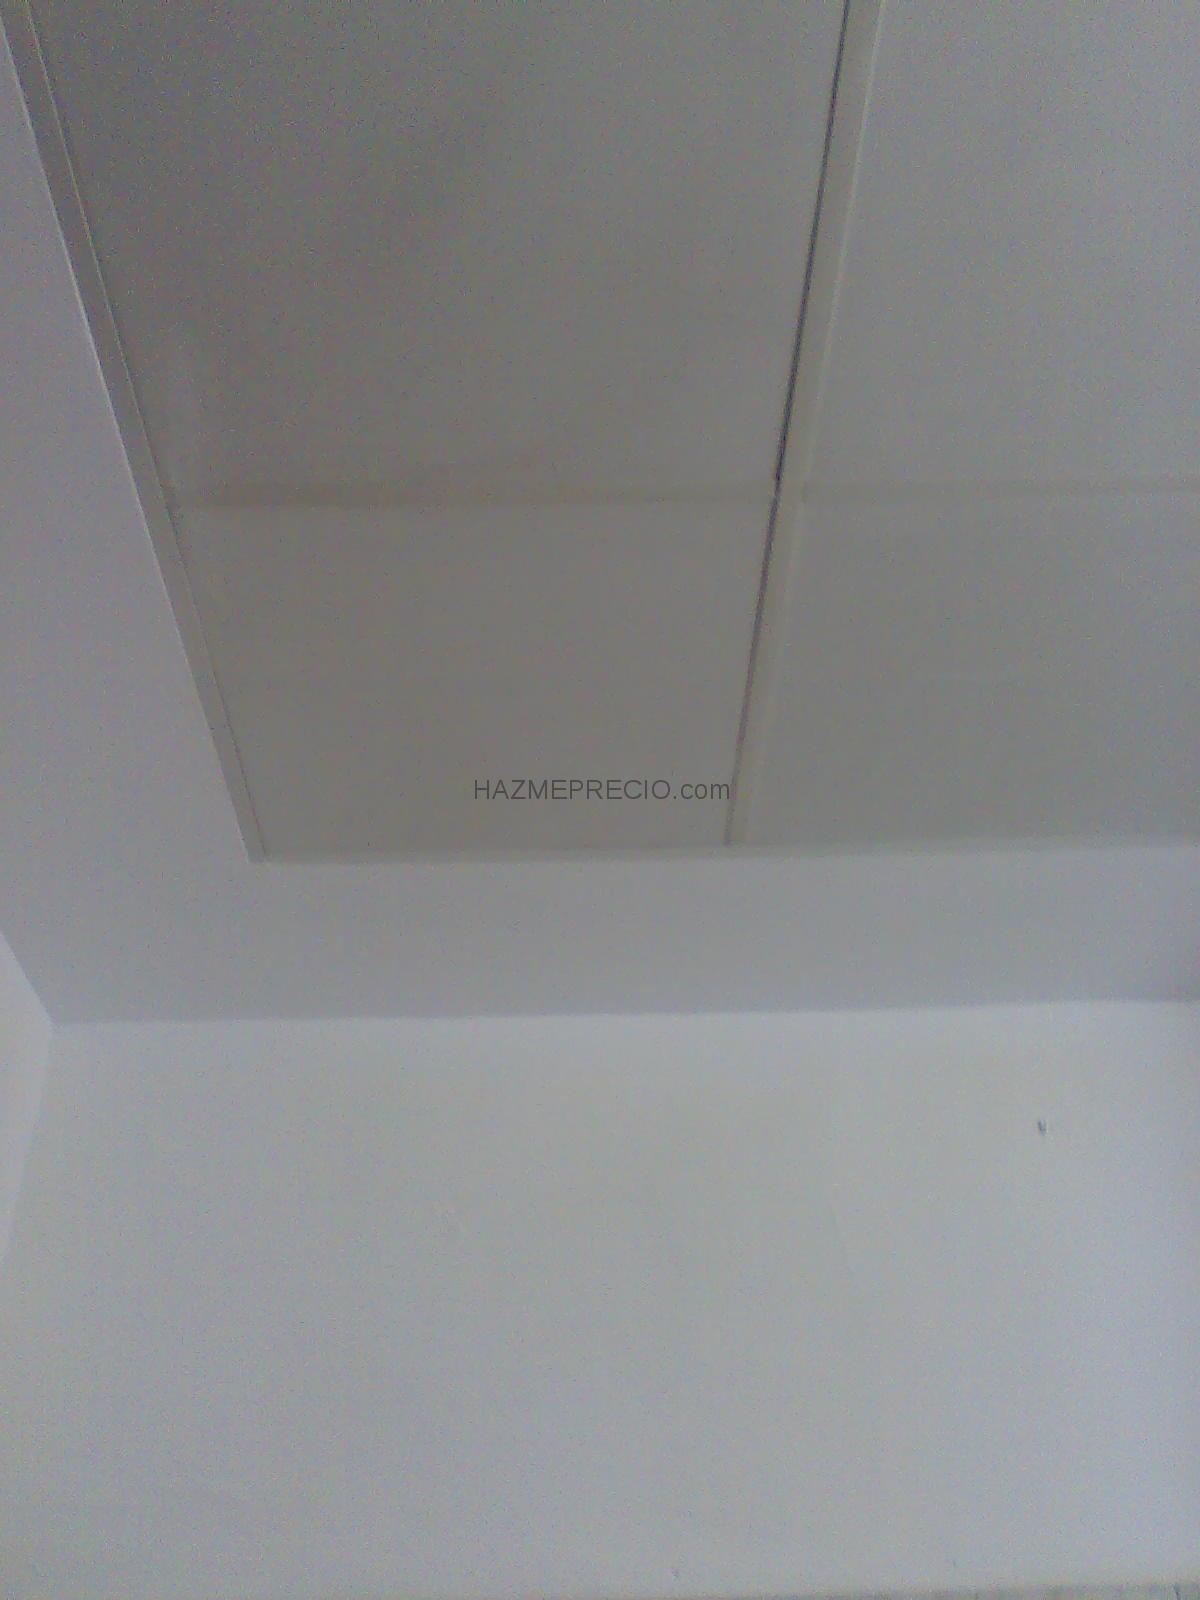 Montador de pladur pladur s g aislamientos 24800 - Falso techo registrable ...